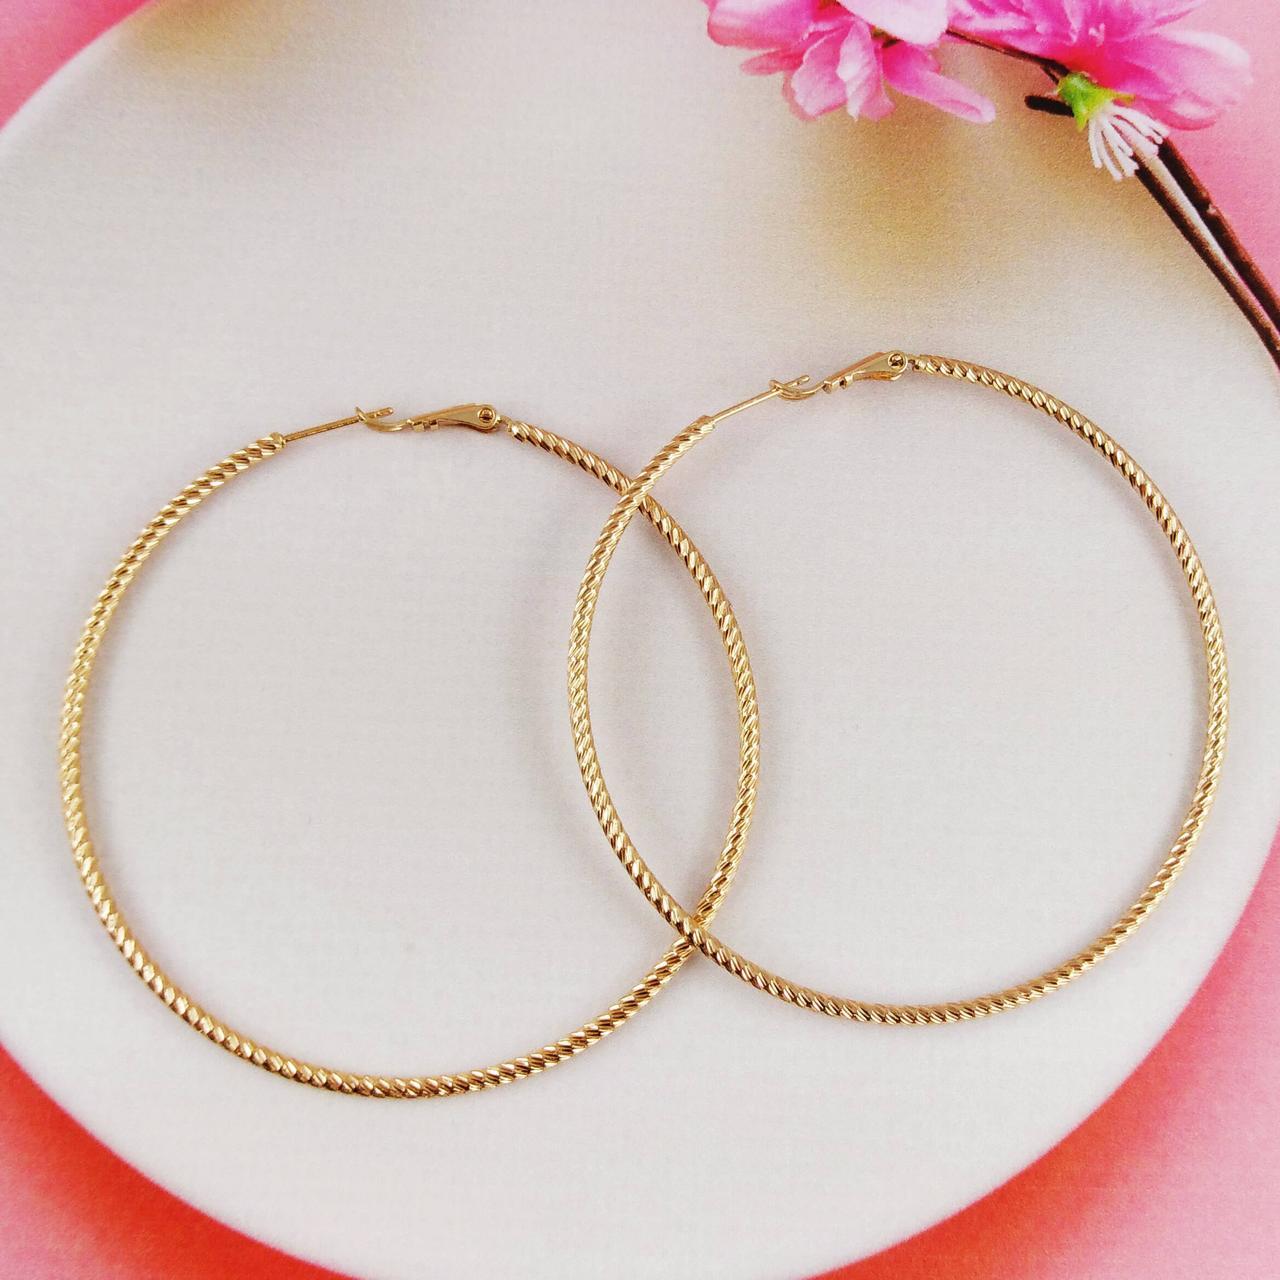 Серьги кольца Xuping Jewelry диаметр 6,7 см спиральный узор медицинское золото, позолота 18К. А/В 4510